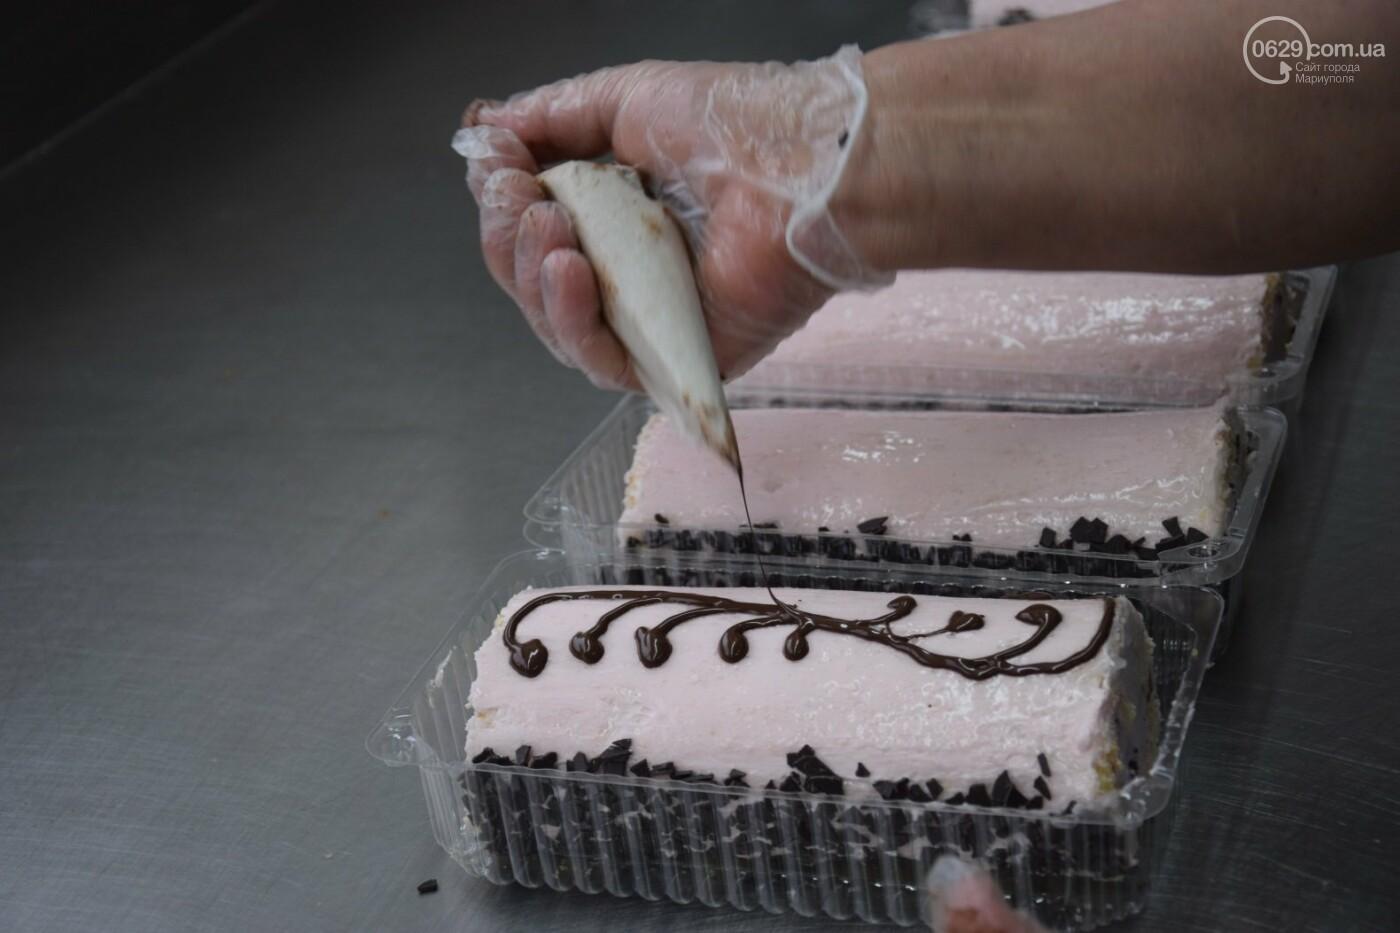 «Как это сделано»:  репортаж из кондитерского цеха в Мариуполе, - ФОТО, фото-23